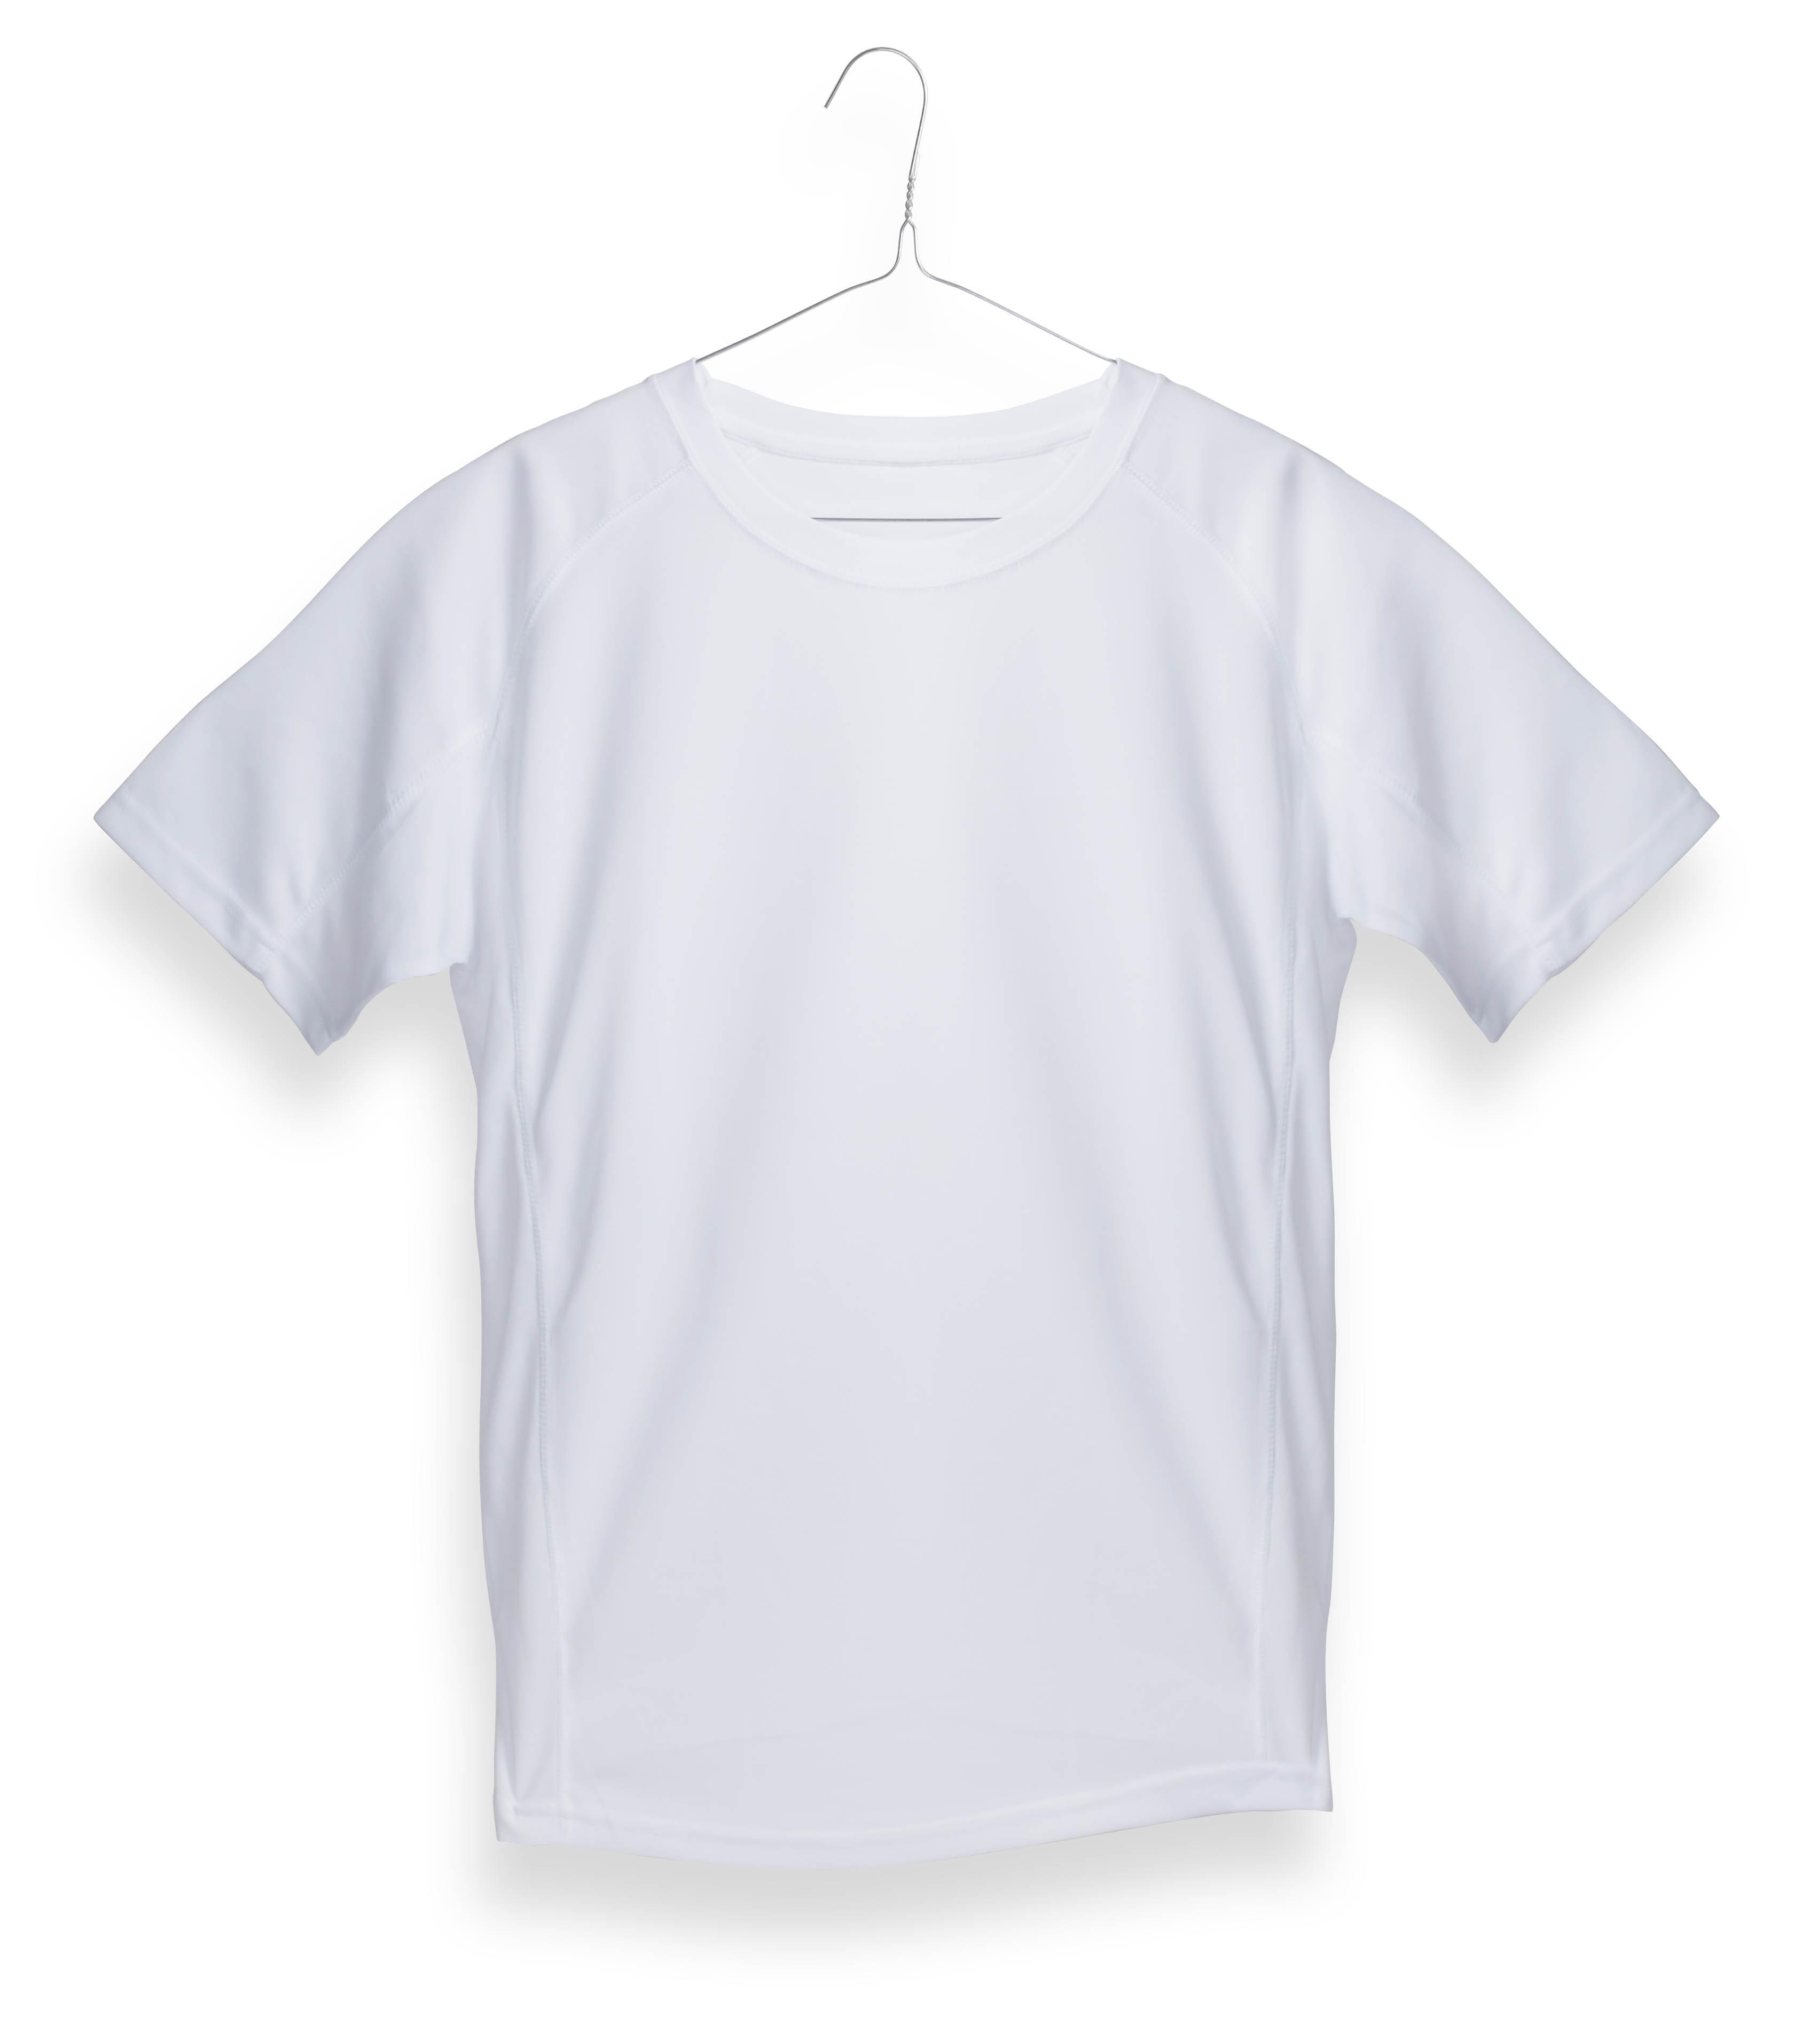 Camiseta adulto Tecnic Slefy - MyM Regalos Promocionales